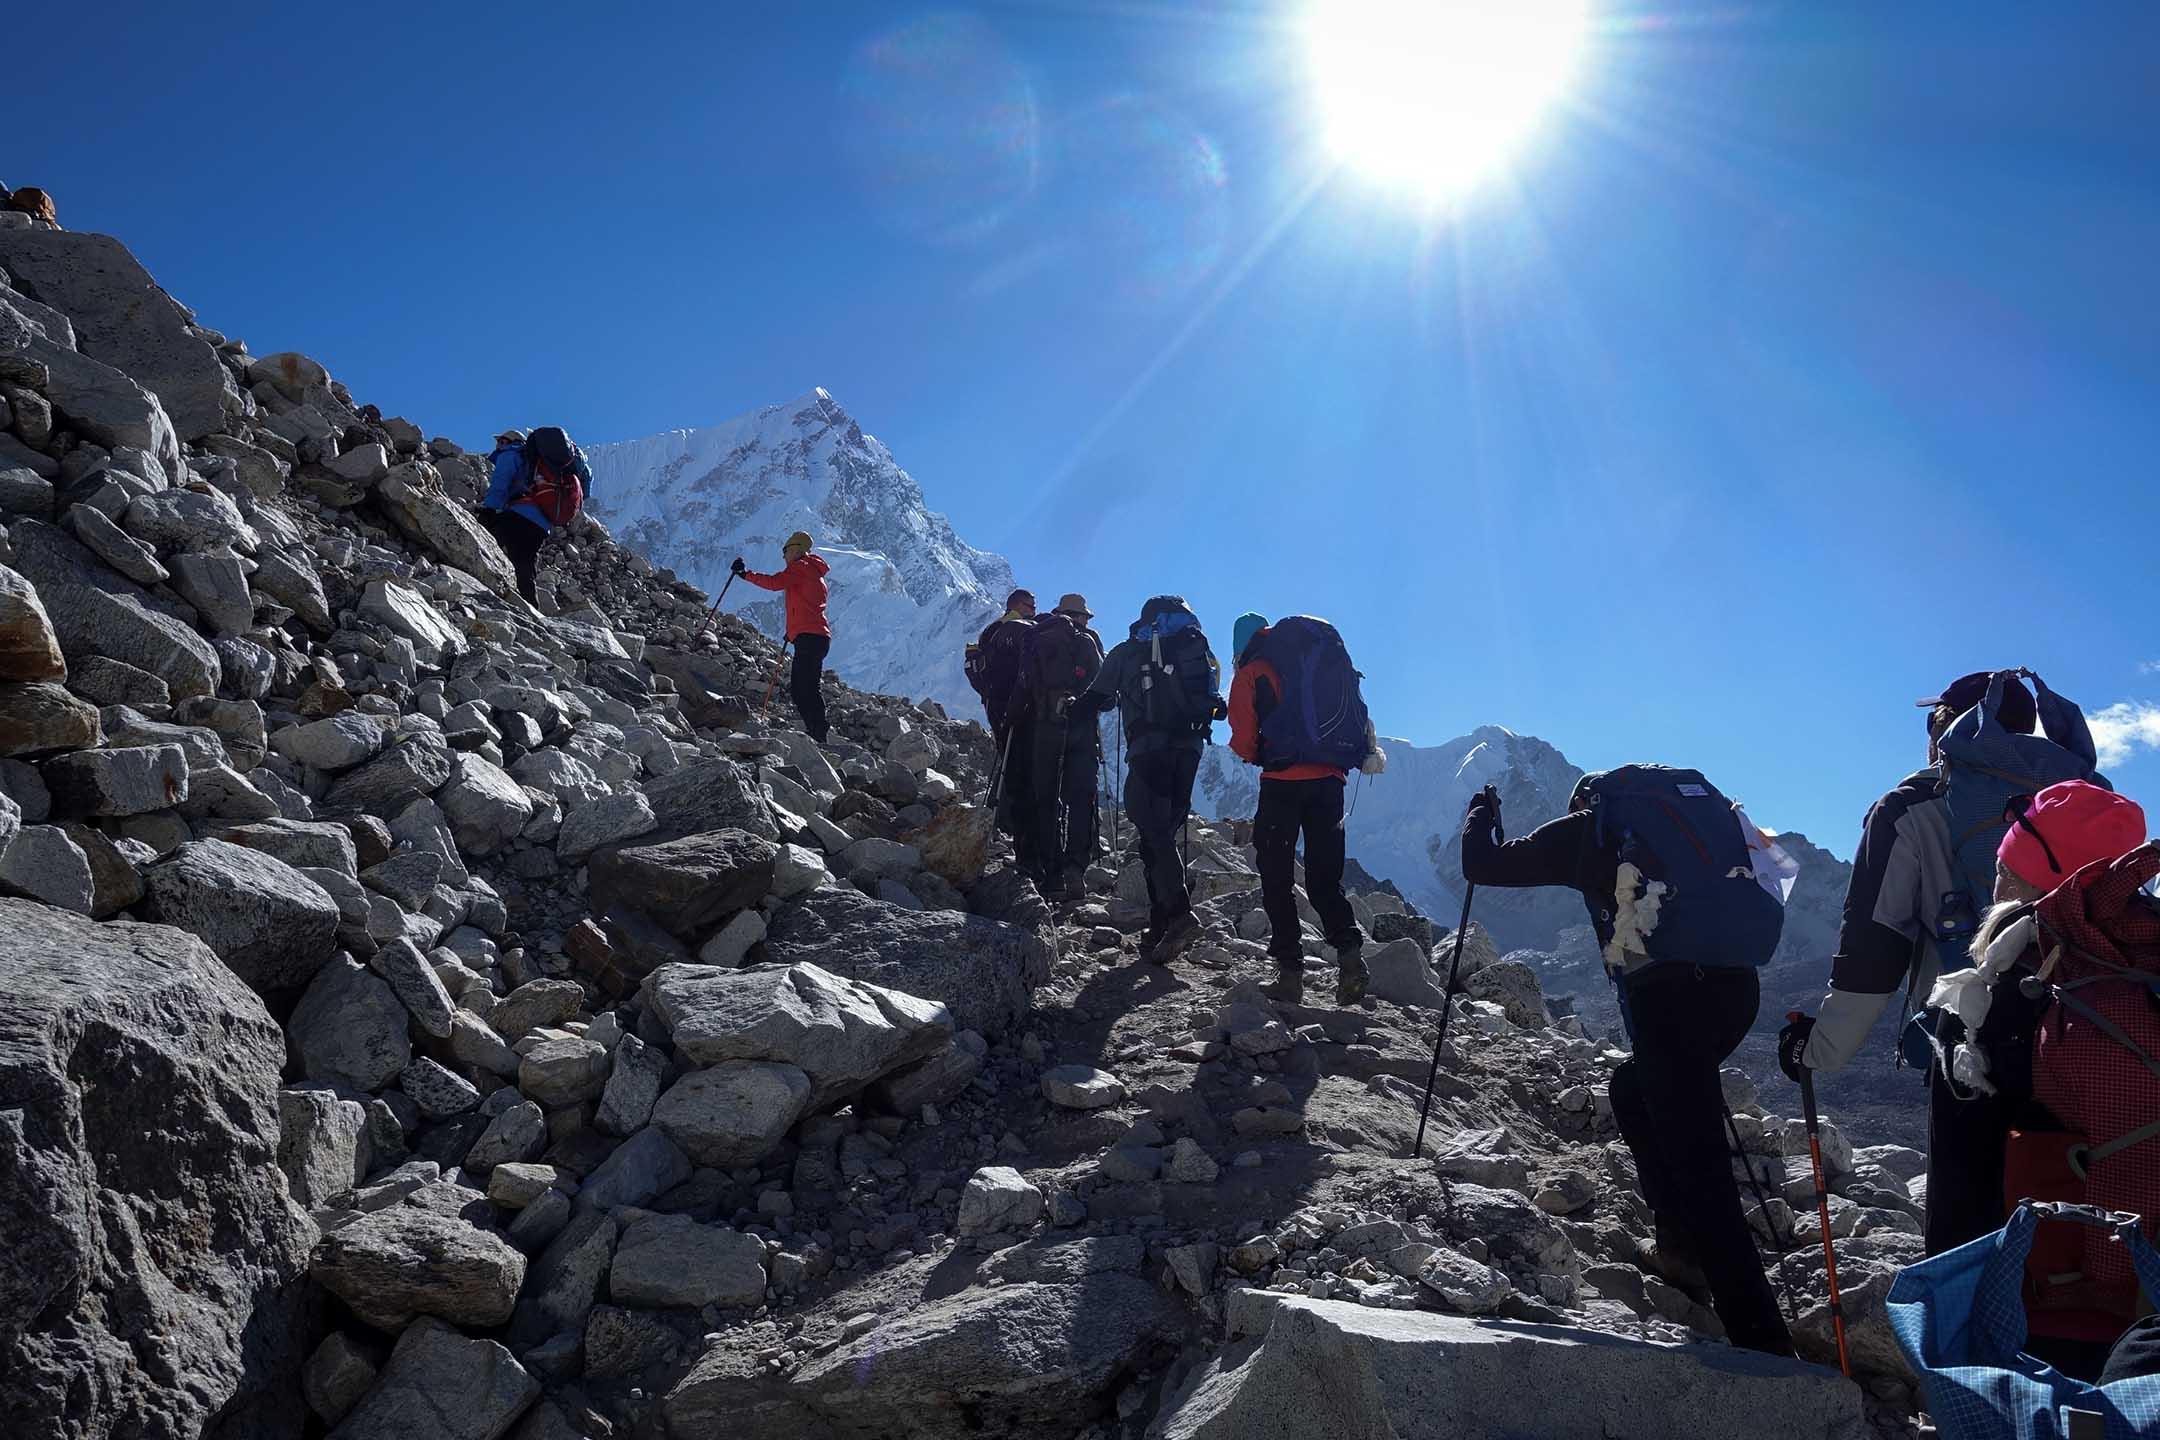 在世界十大高峰中,尼泊爾境內就佔了八座,曾經走過安娜普納大環線的我,對那段短暫十二日的山居歲月念念不忘,這次便再度挑戰十二日的聖母峰基地營大環線(Everest Basecamp,簡稱EBC)。